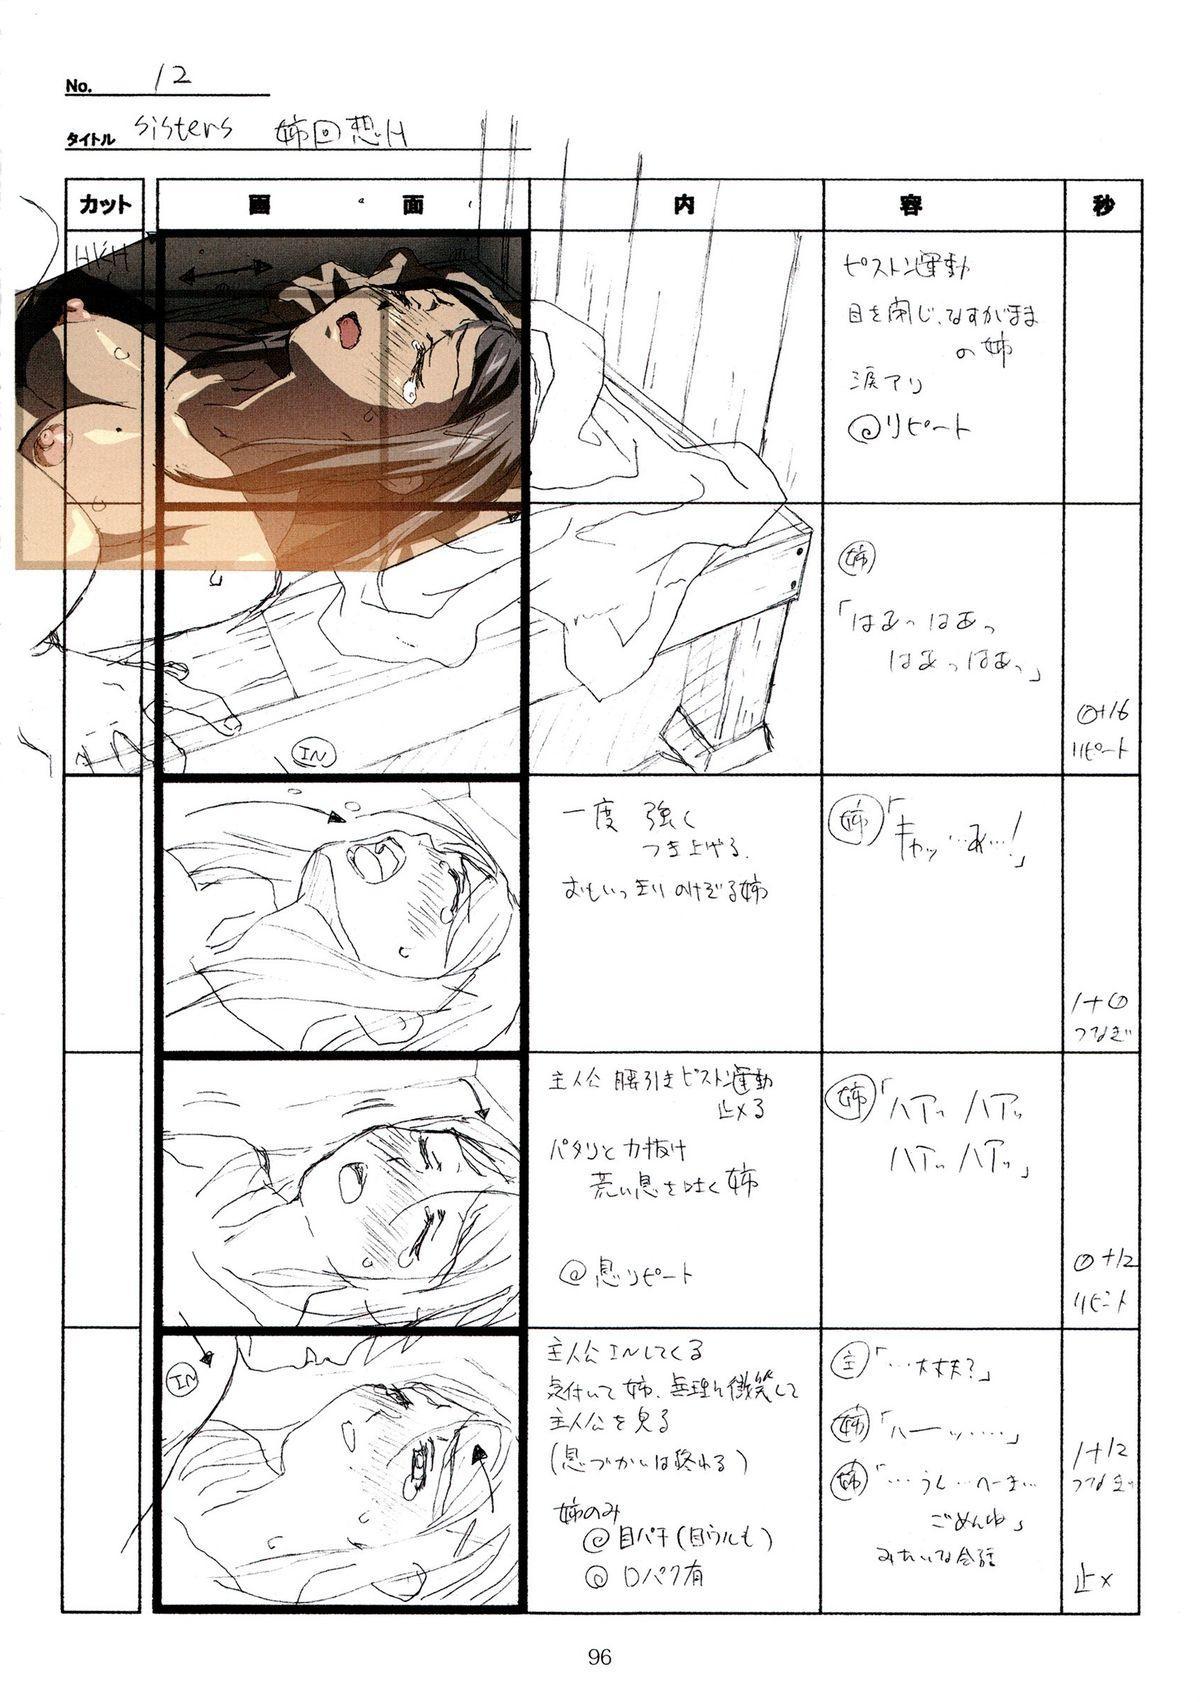 (C89) [Makino Jimusho (Taki Minashika)] SISTERS -Natsu no Saigo no Hi- H Scene All Part Storyboard (SISTERS -Natsu no Saigo no Hi-) 95